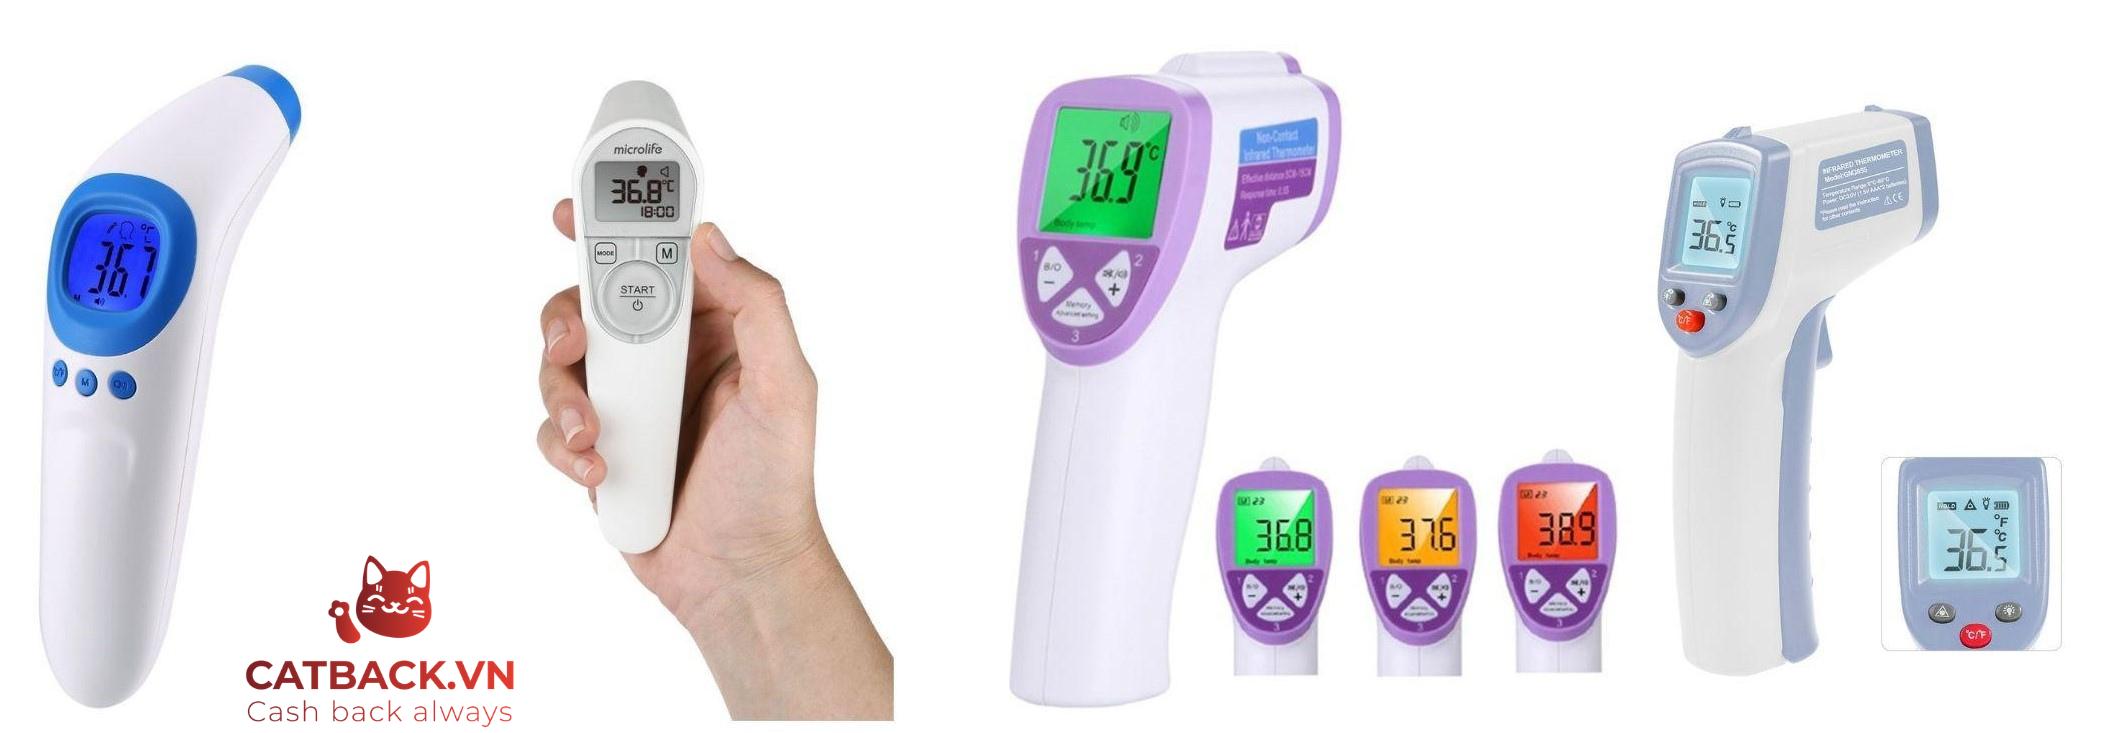 Các loại nhiệt kế hồng ngoại phổ biến hiện nay